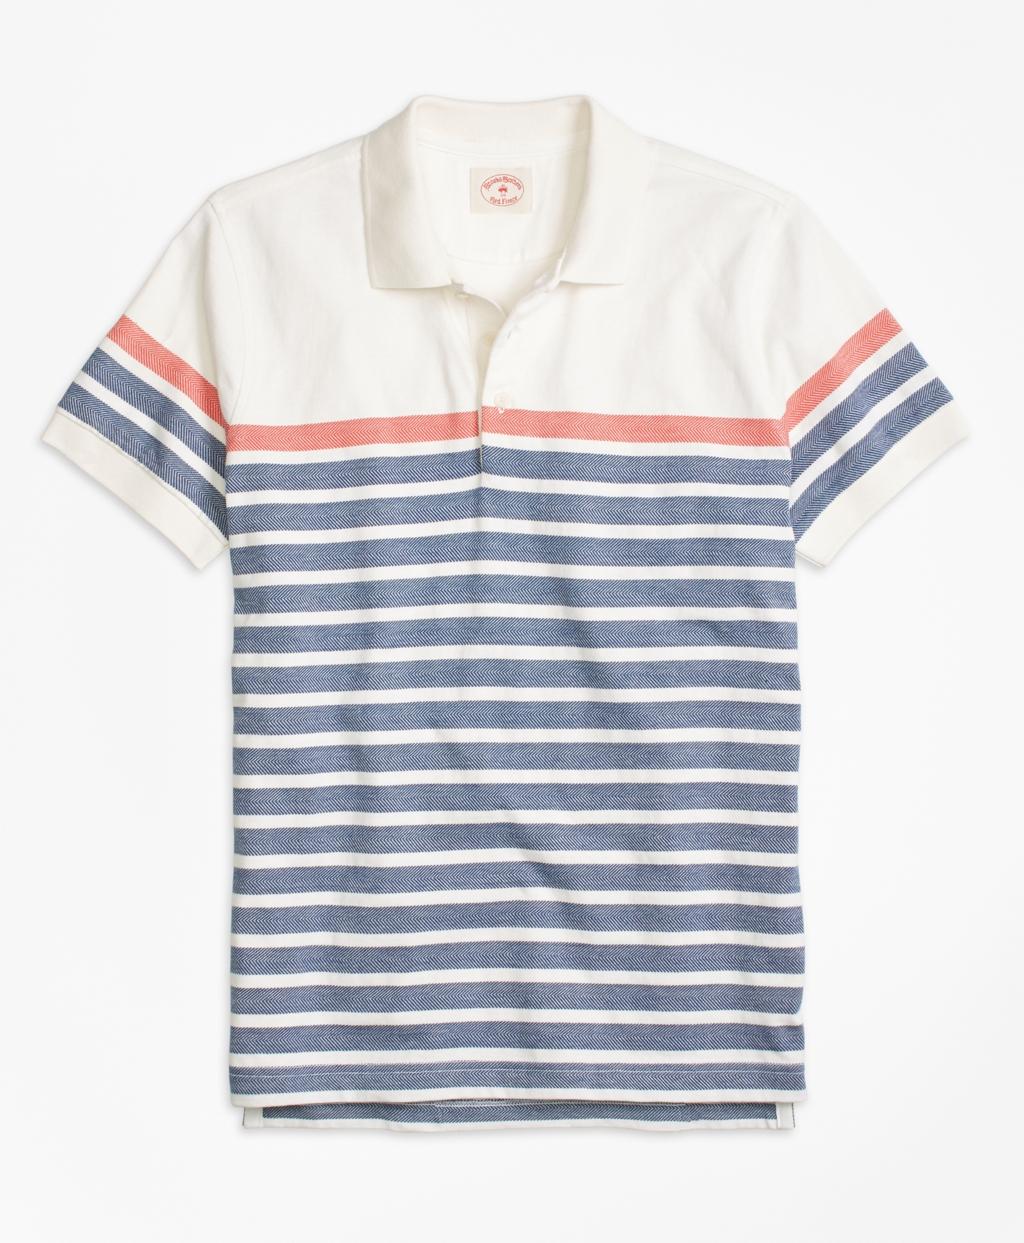 80s Inspired Stripe